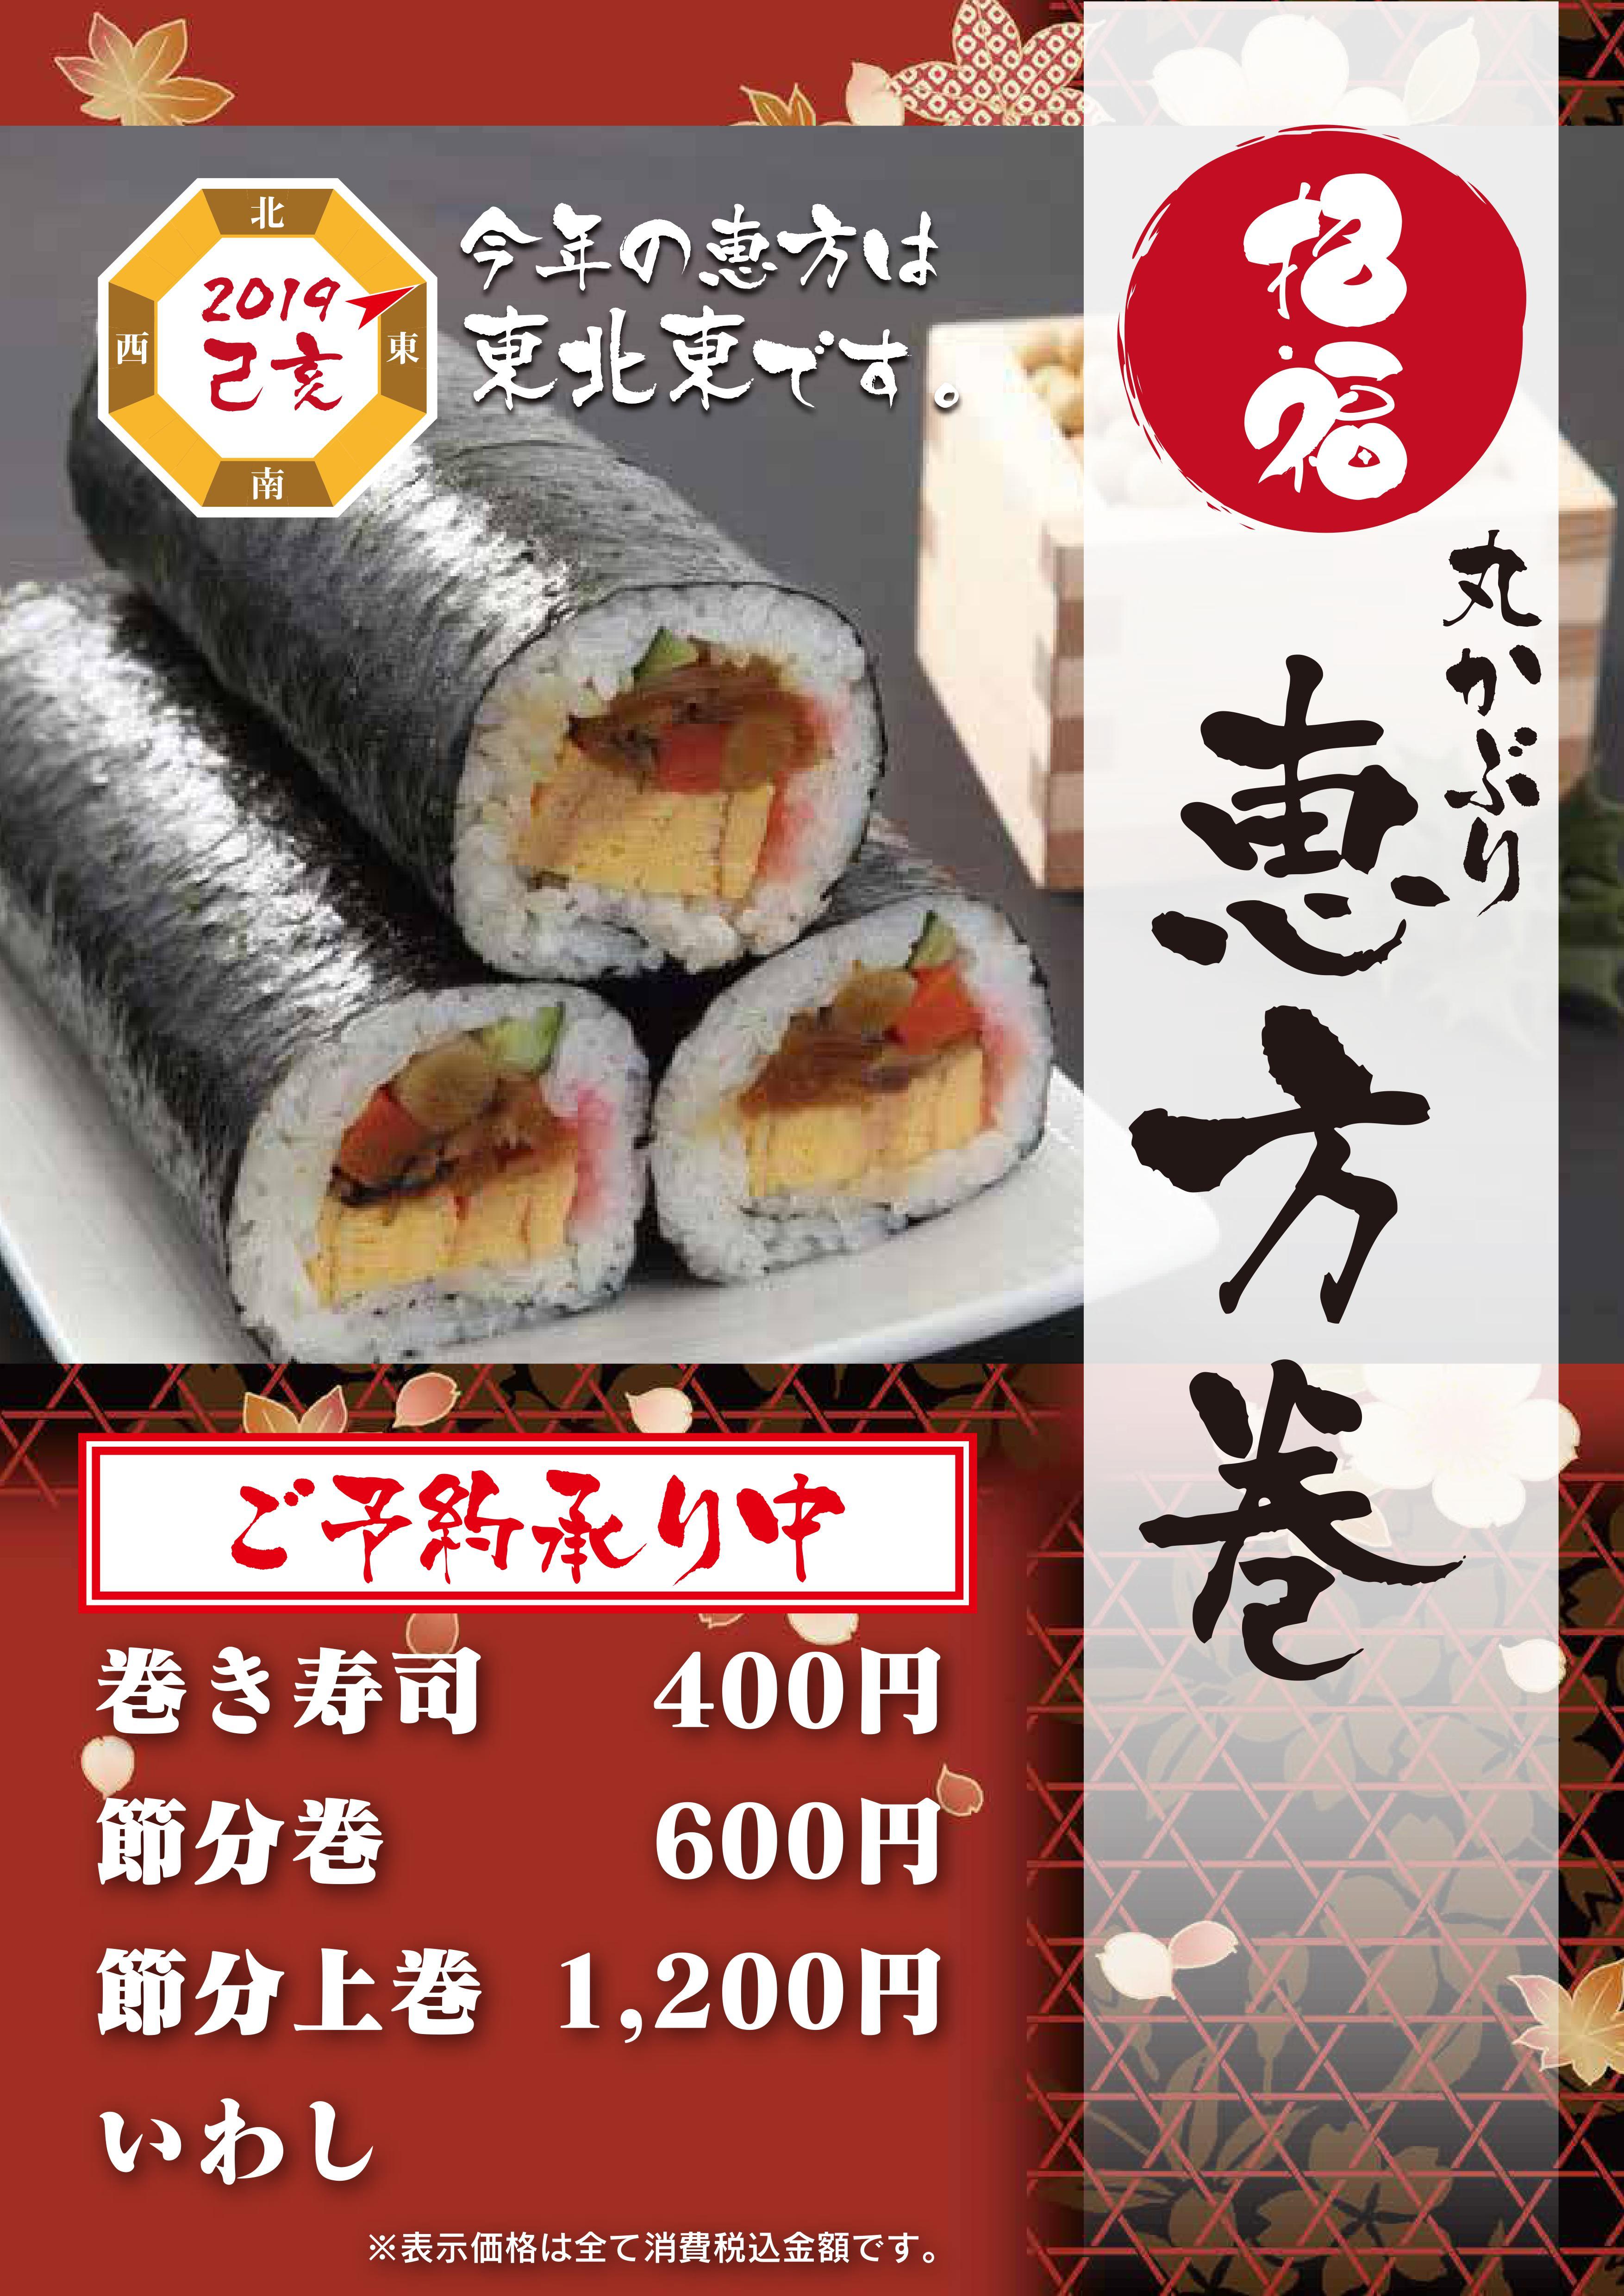 2月3日、「恵方巻き」店頭販売行います。